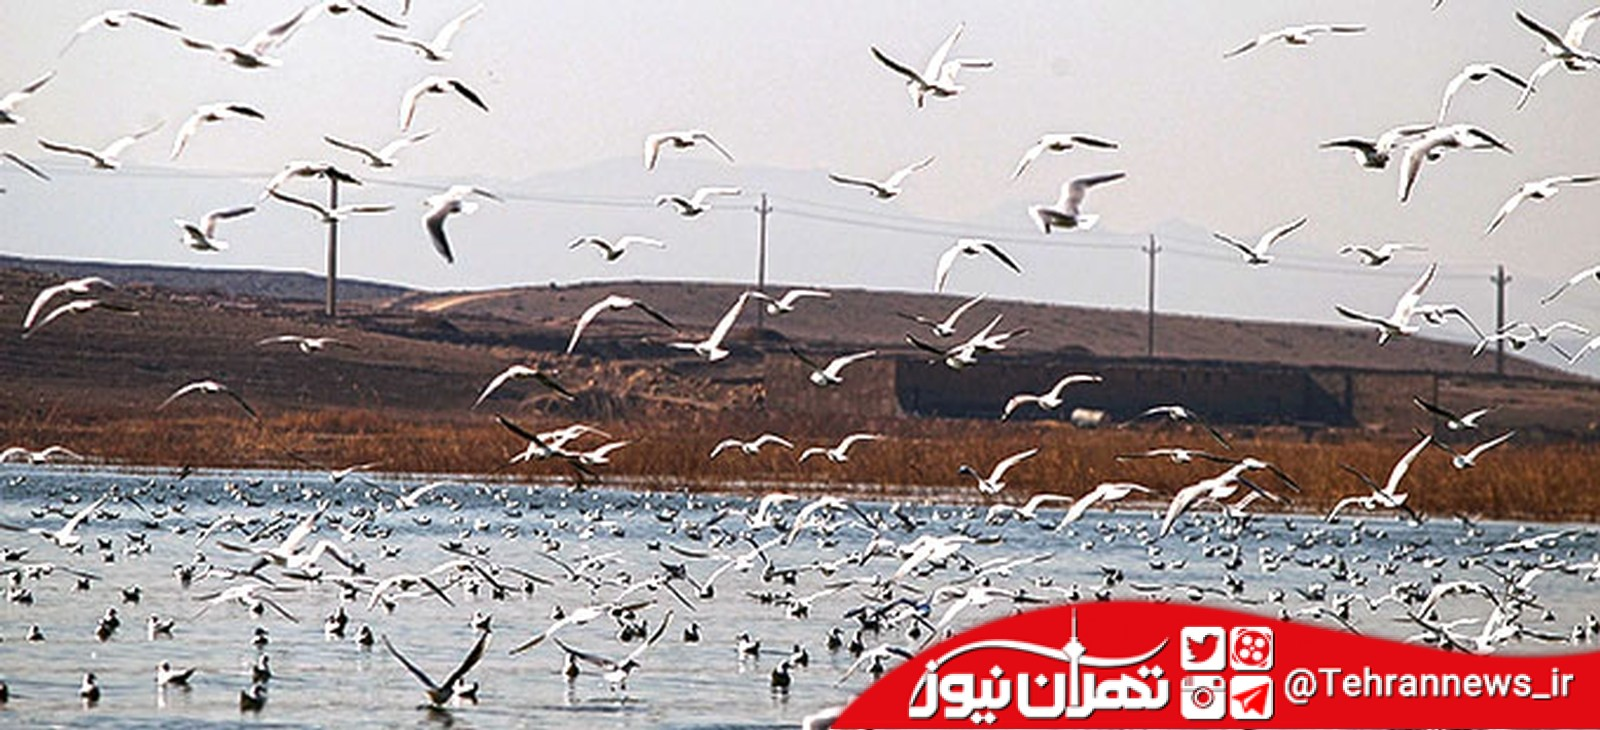 تالاب عشق آباد شهرری از مراکز عالی برای پرنده نگری